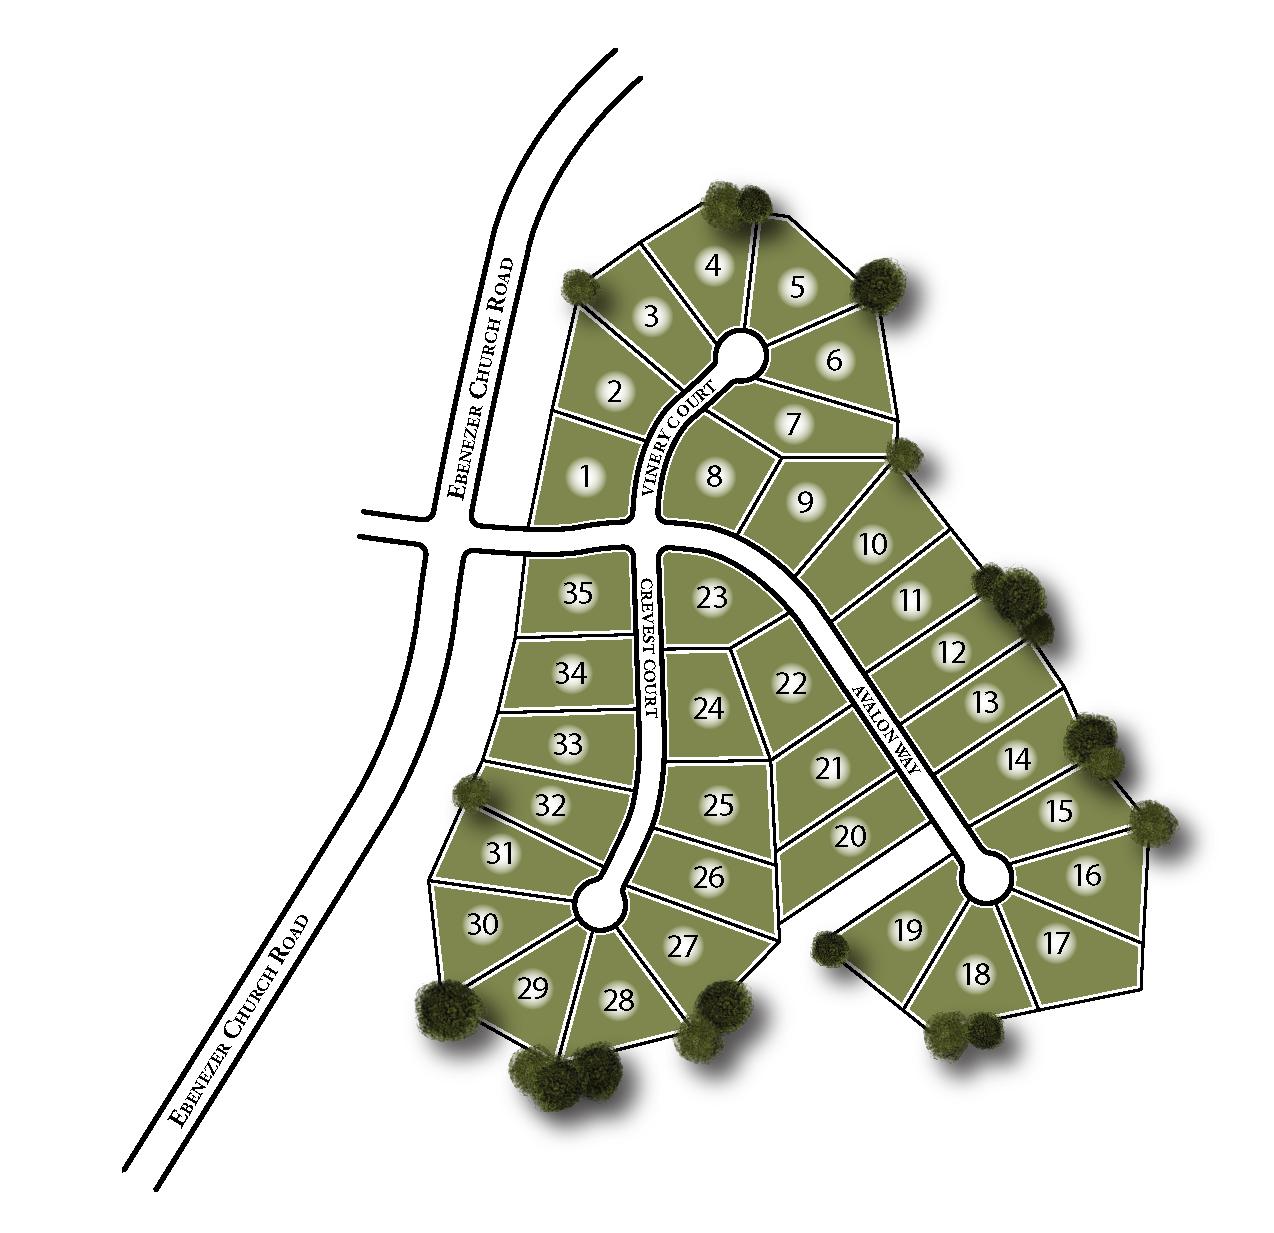 Avalon Site Map